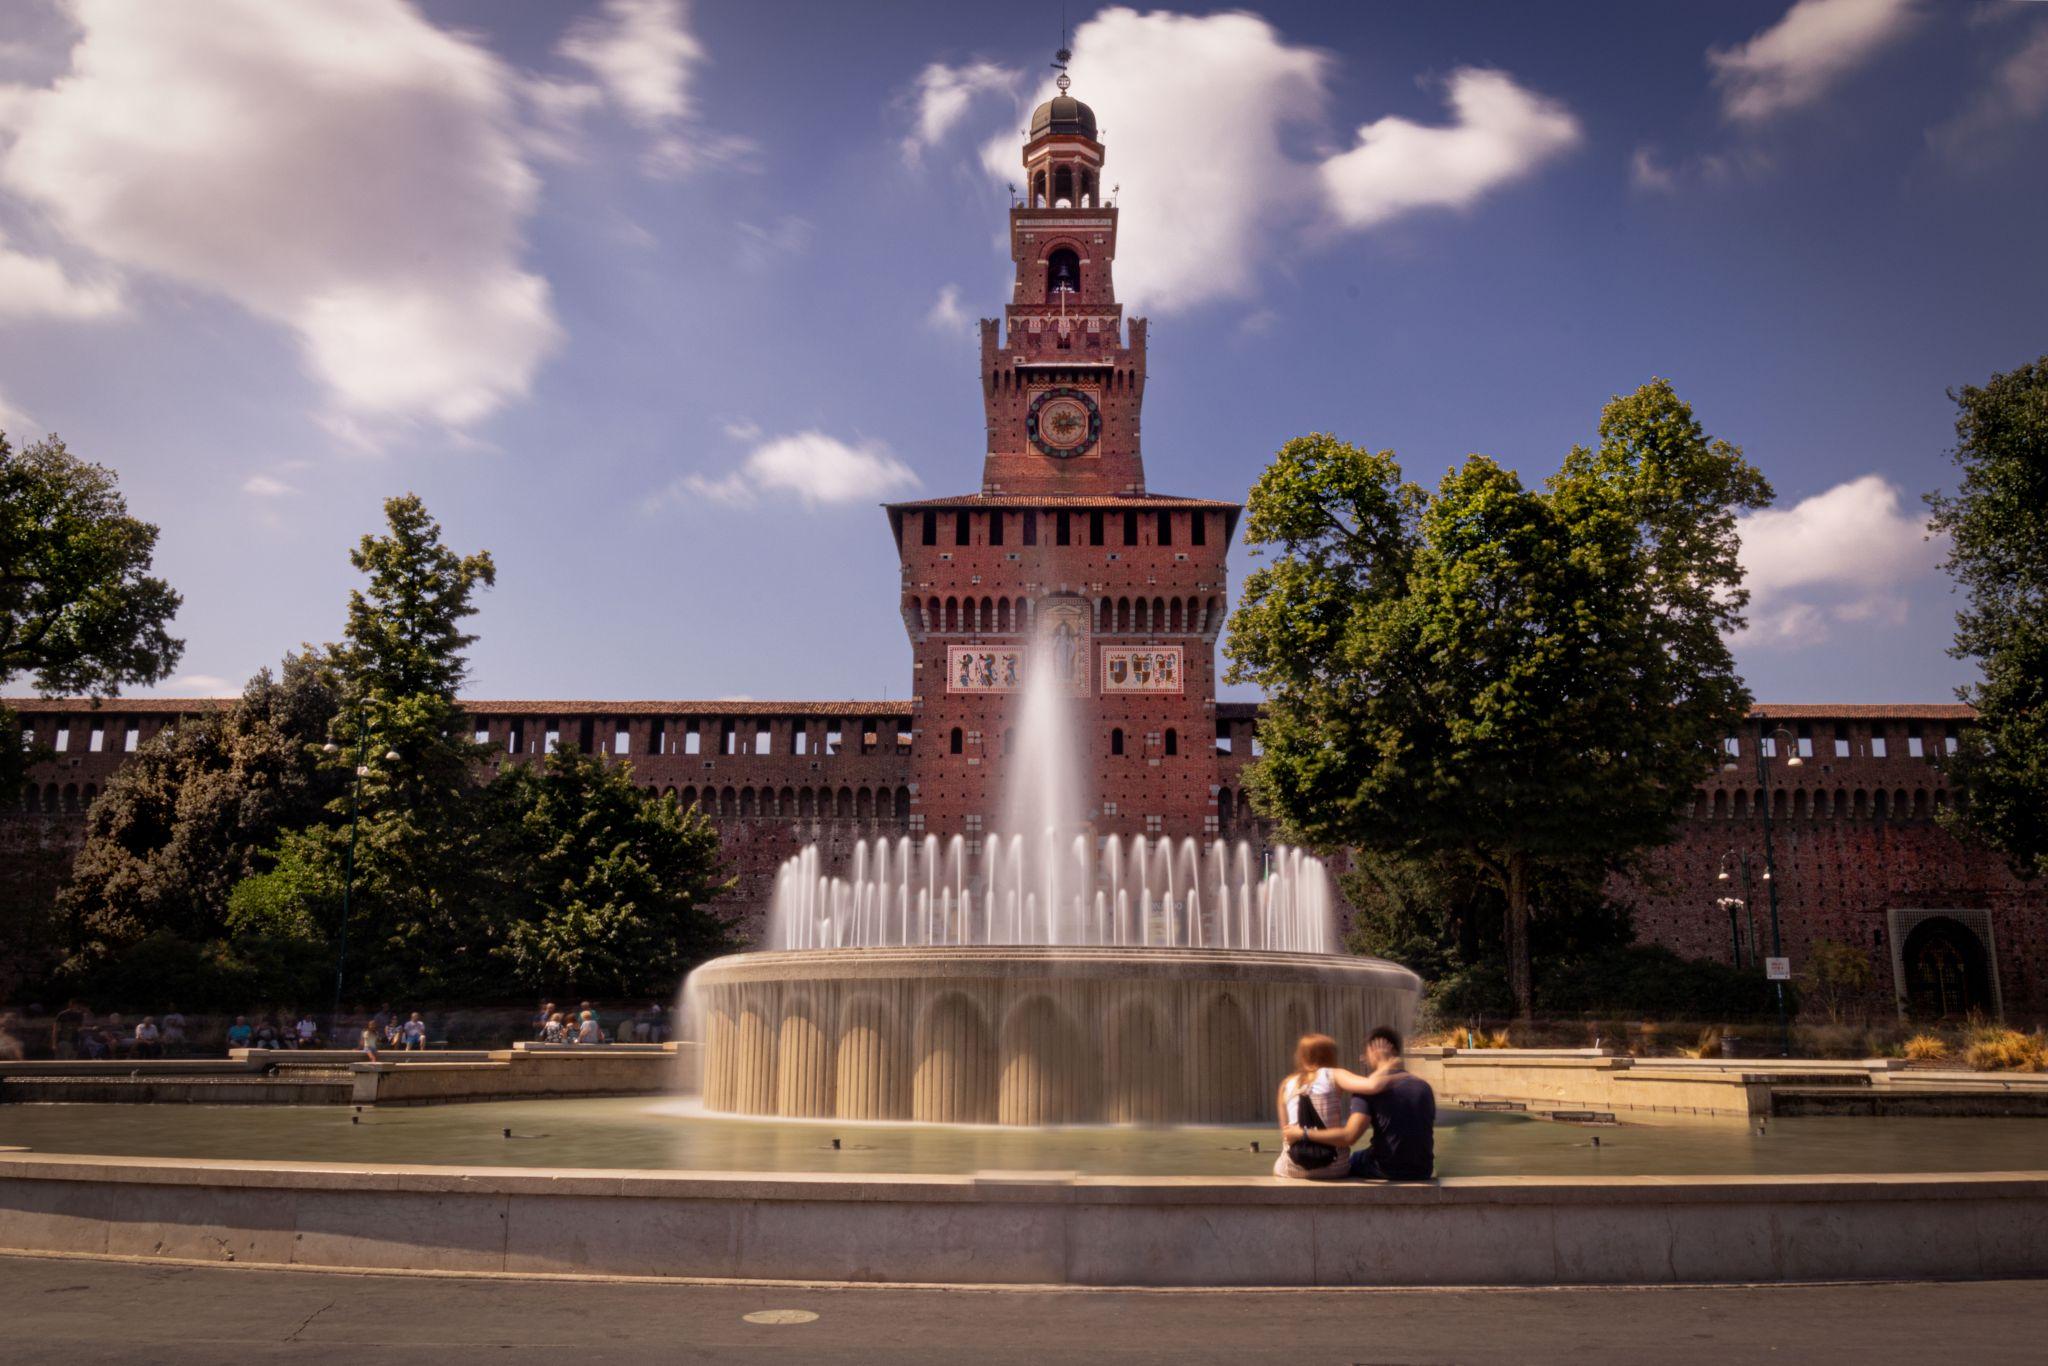 La Fontana di Piazza Castello, Italy